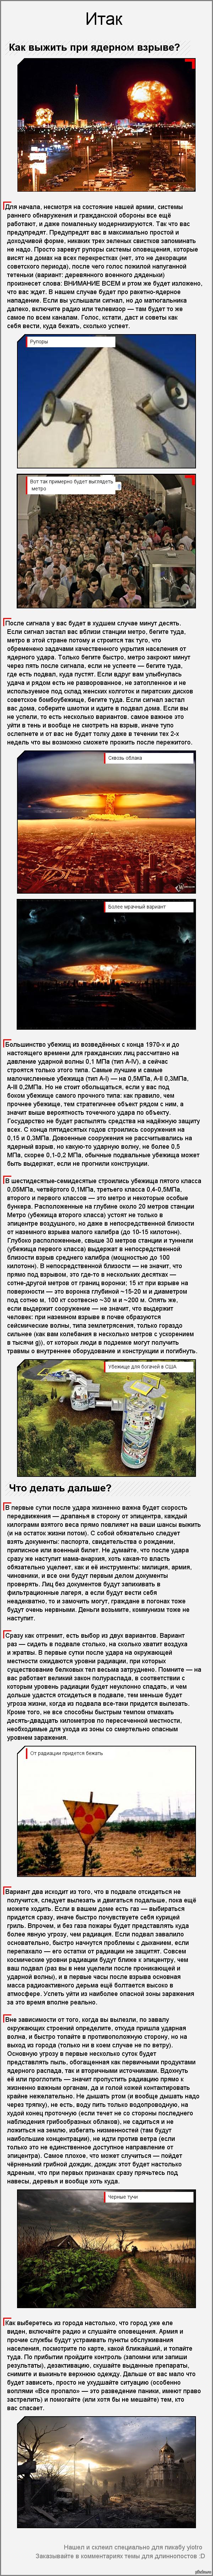 http://s.pikabu.ru/post_img/2013/10/09/9/1381328379_1362972988.png